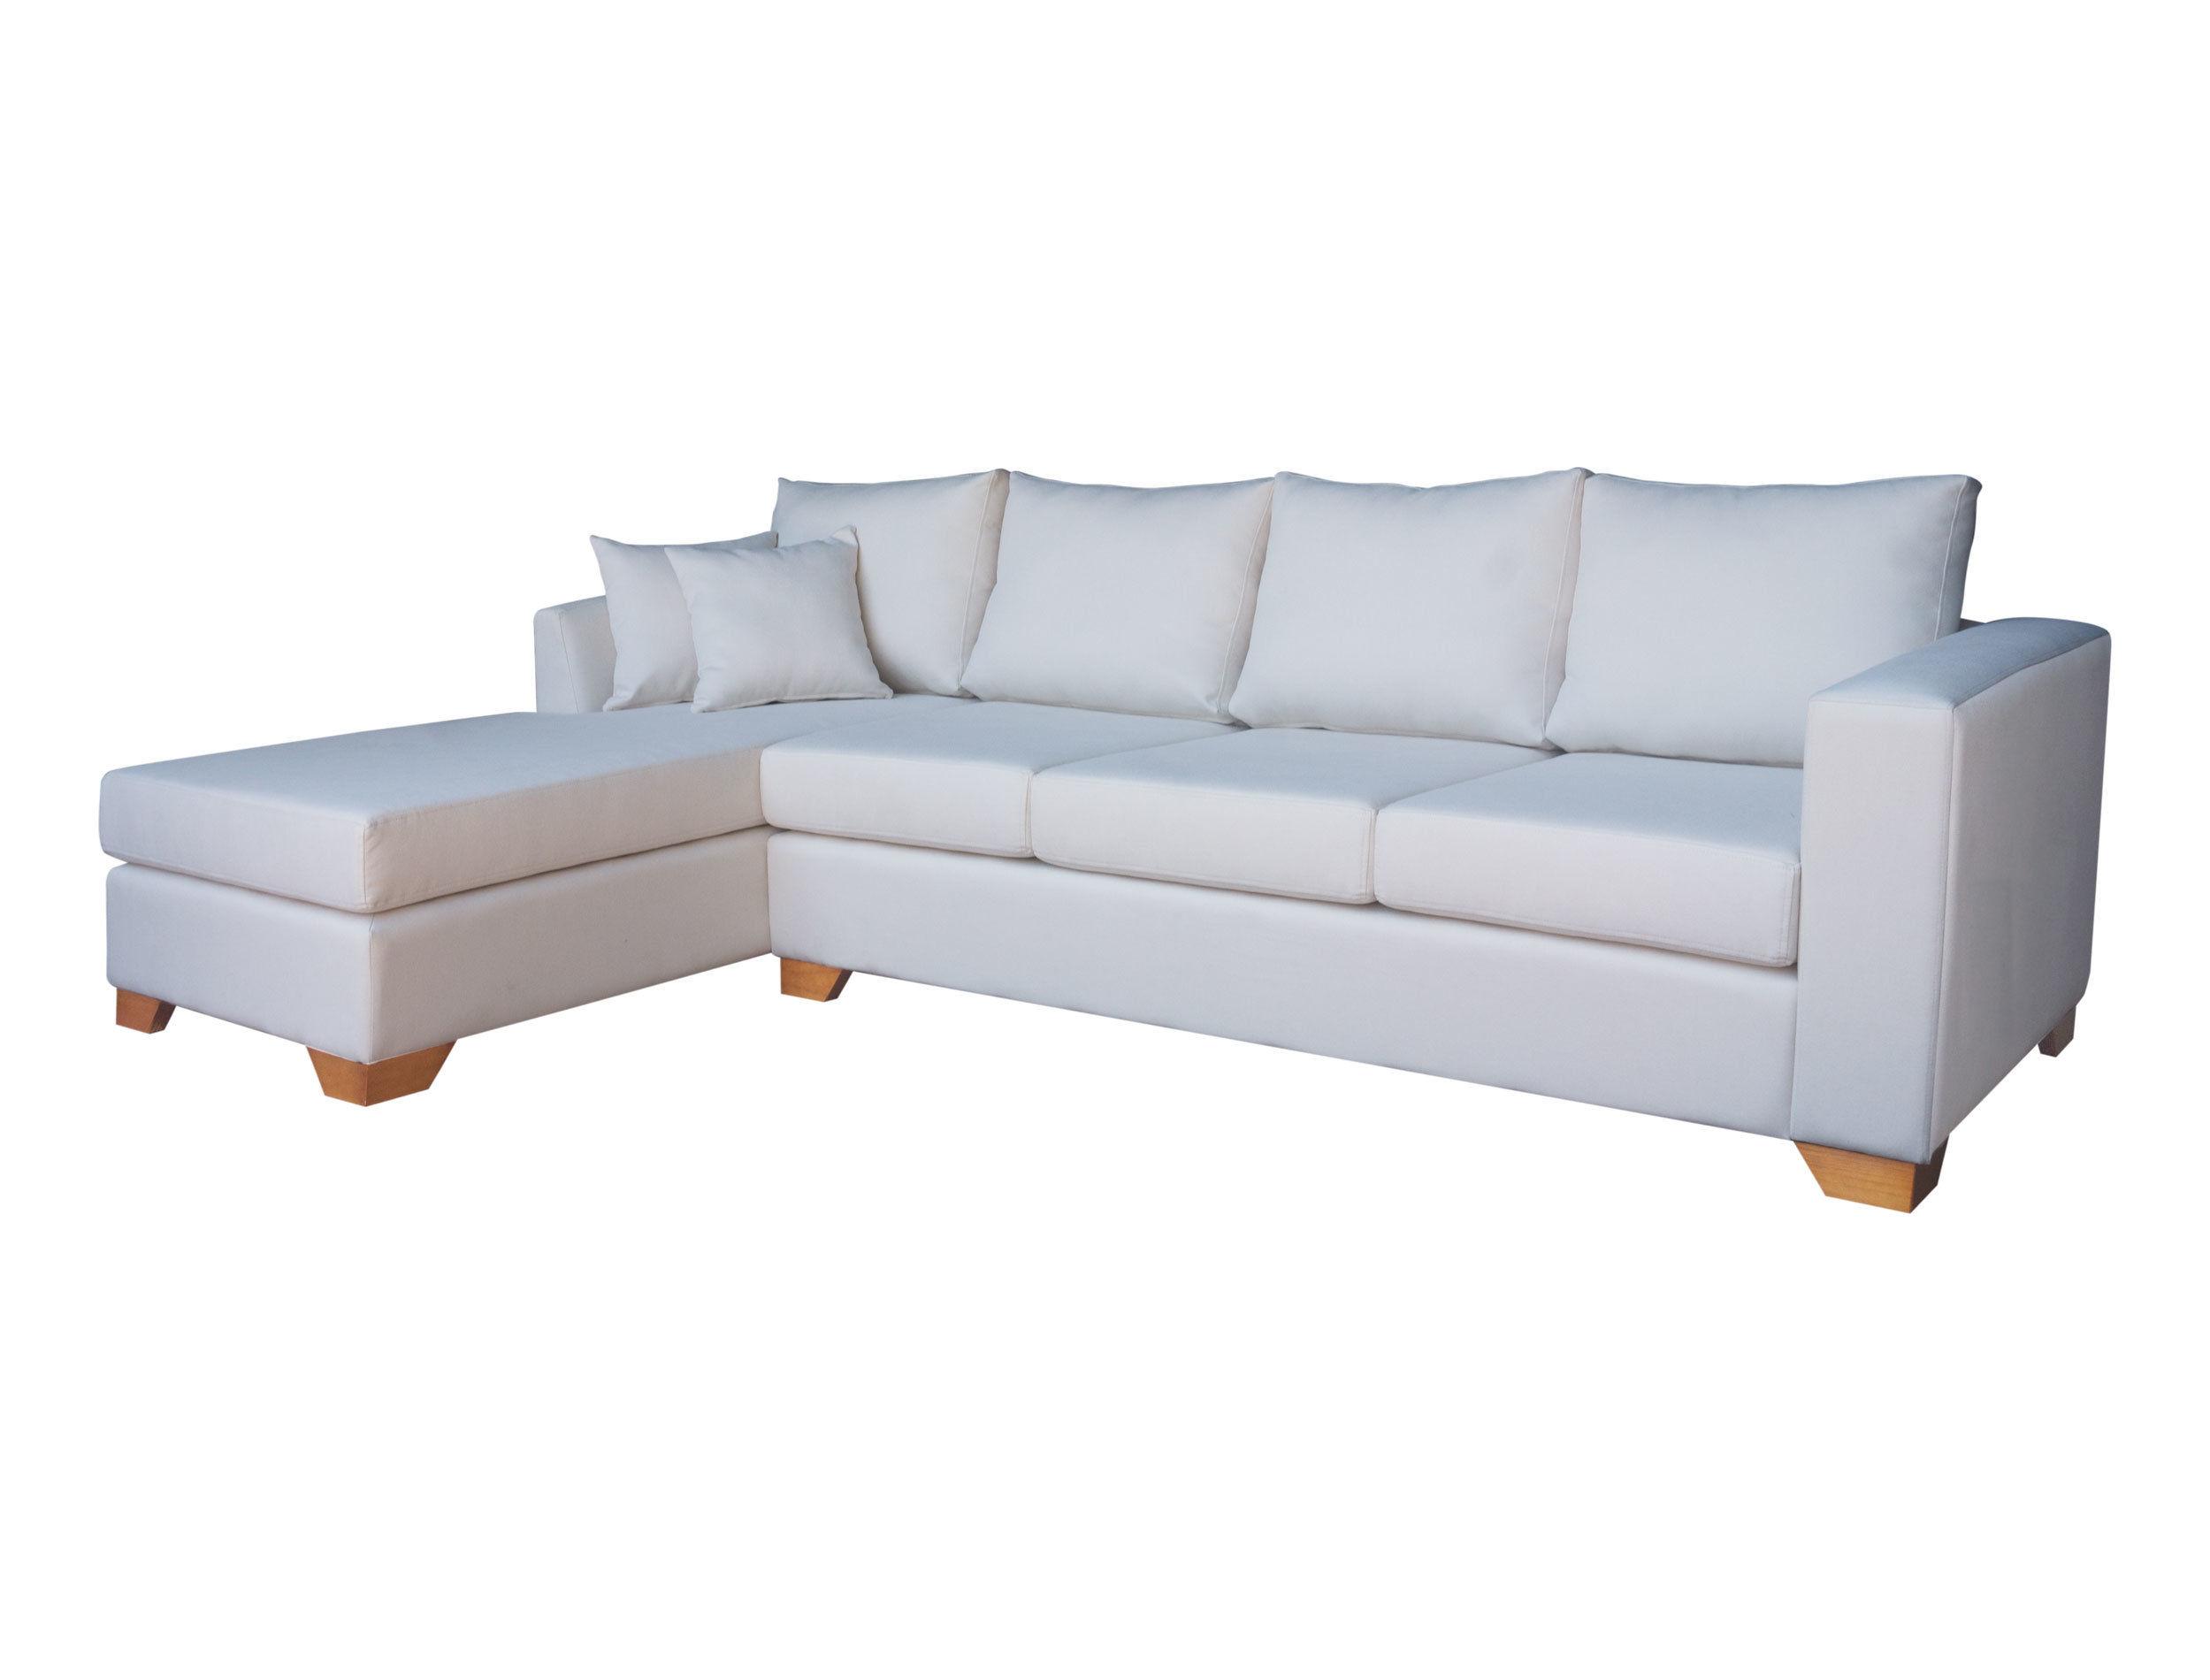 Sofá seccional personalizado 2.8m tapiz calafate crudo